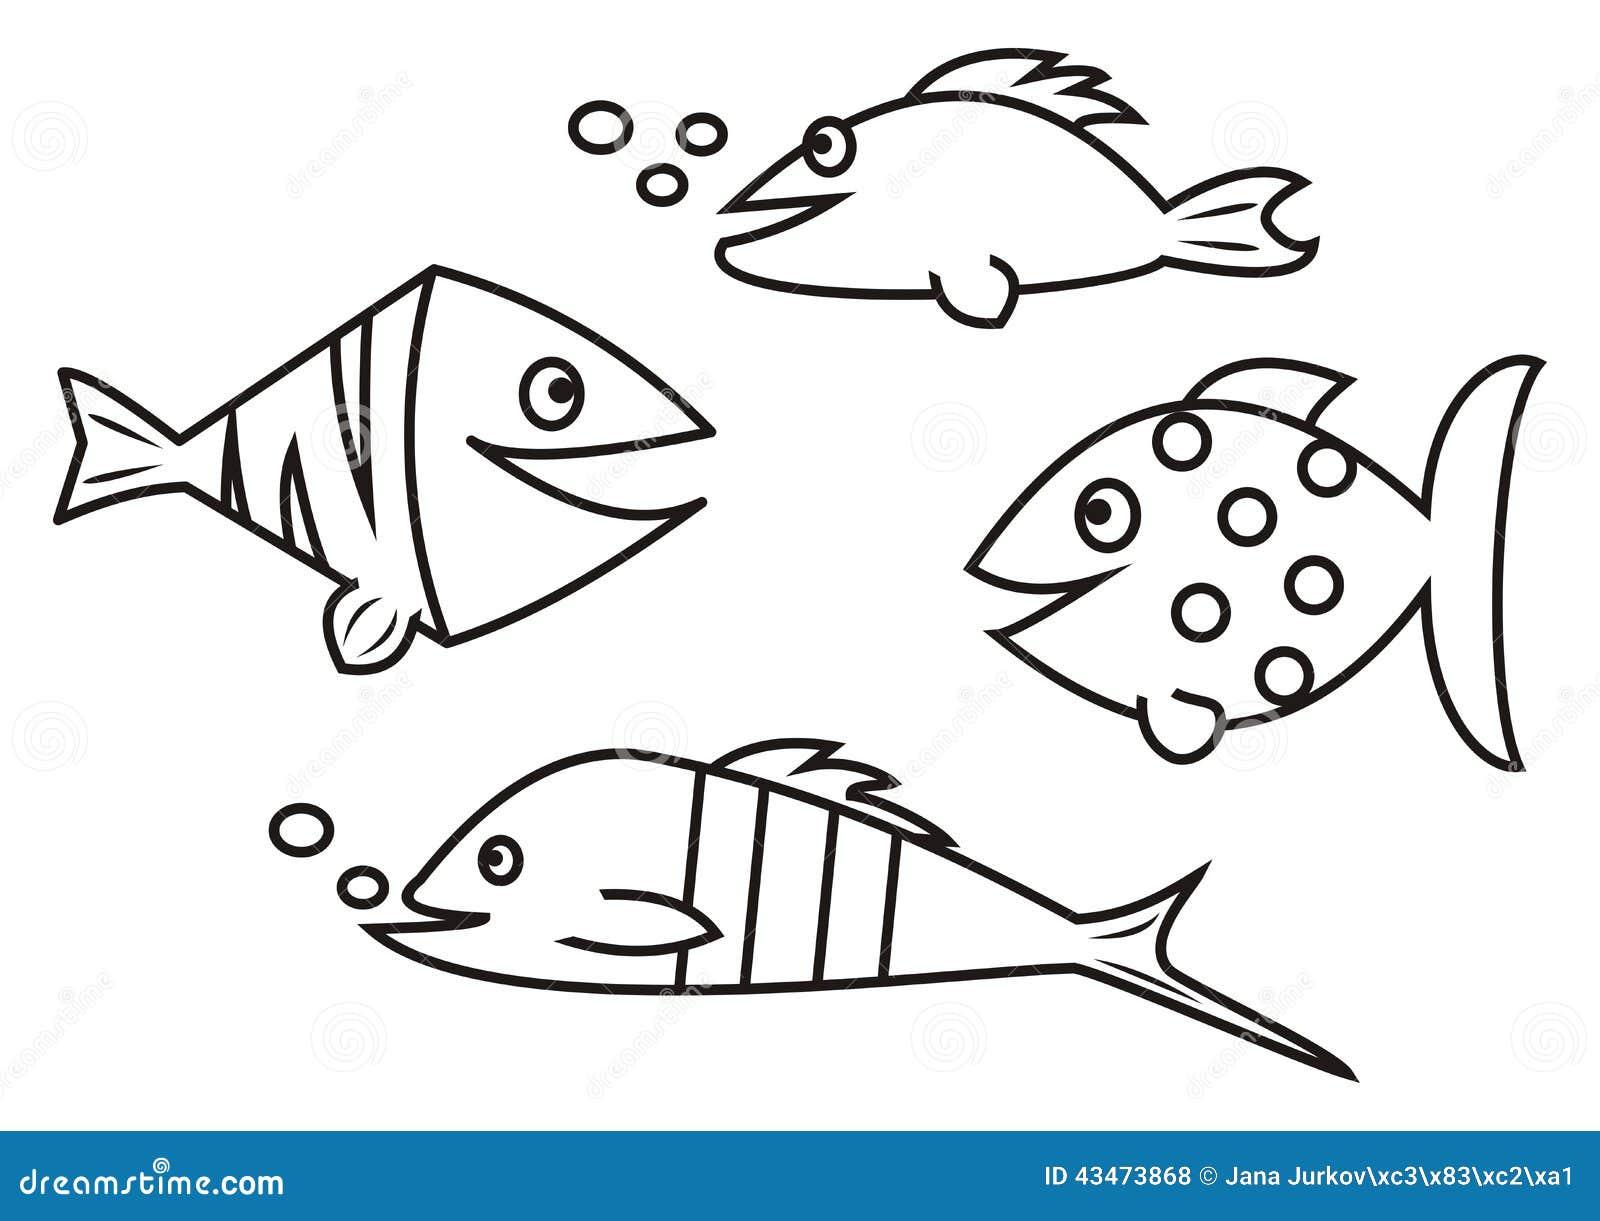 Pesci libro da colorare illustrazione vettoriale for Pesci da colorare per bambini